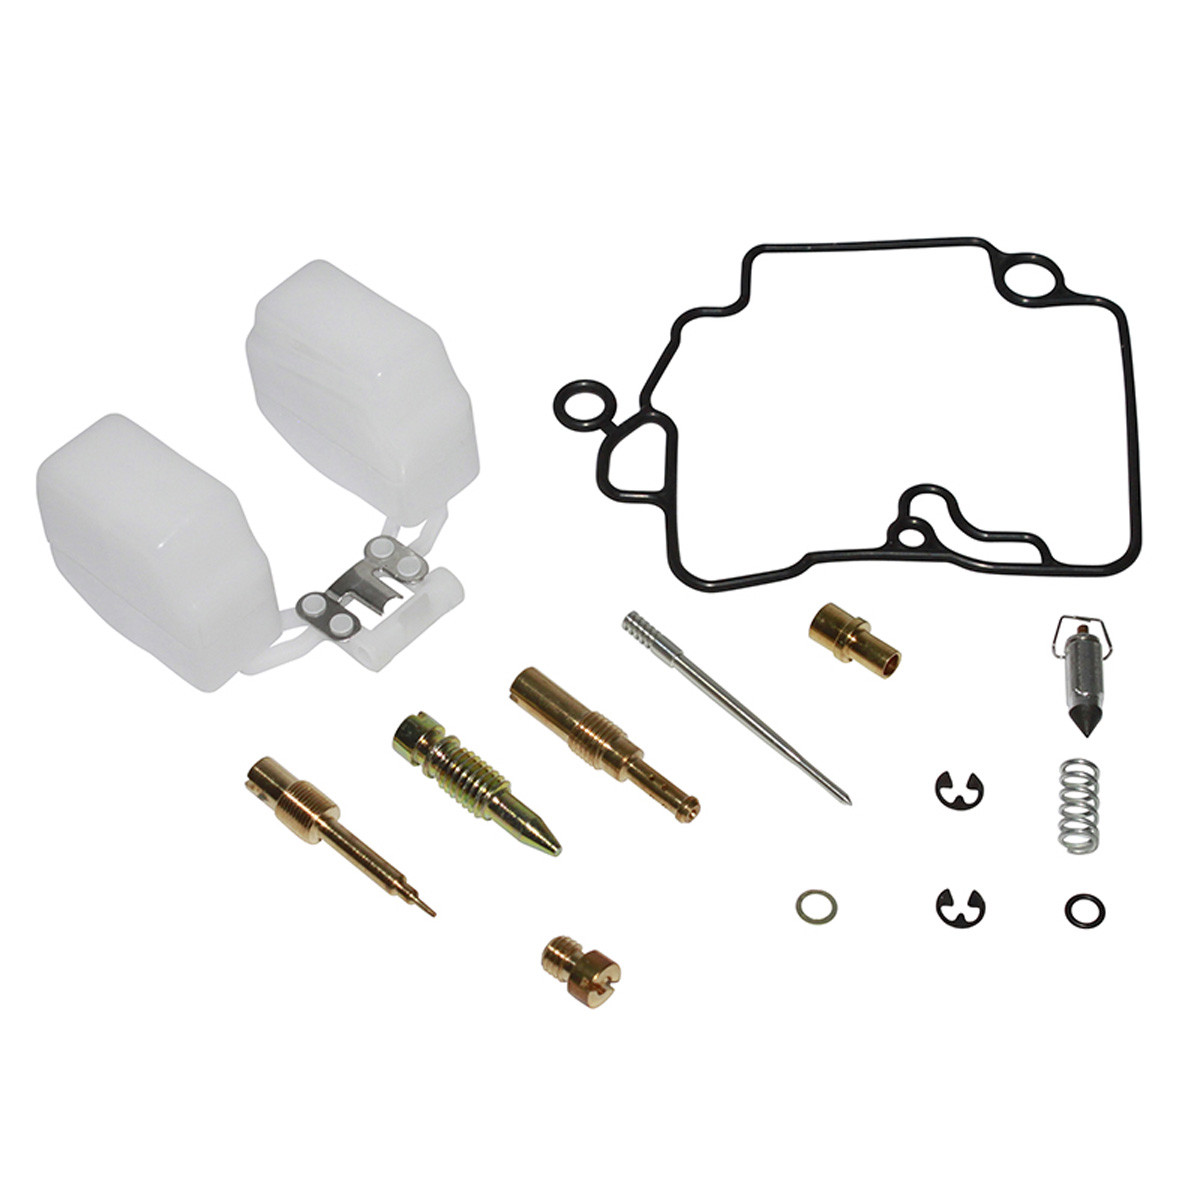 Kit Réparation Carburateur Peugeot Kymco SYM 139QM GY6 4T